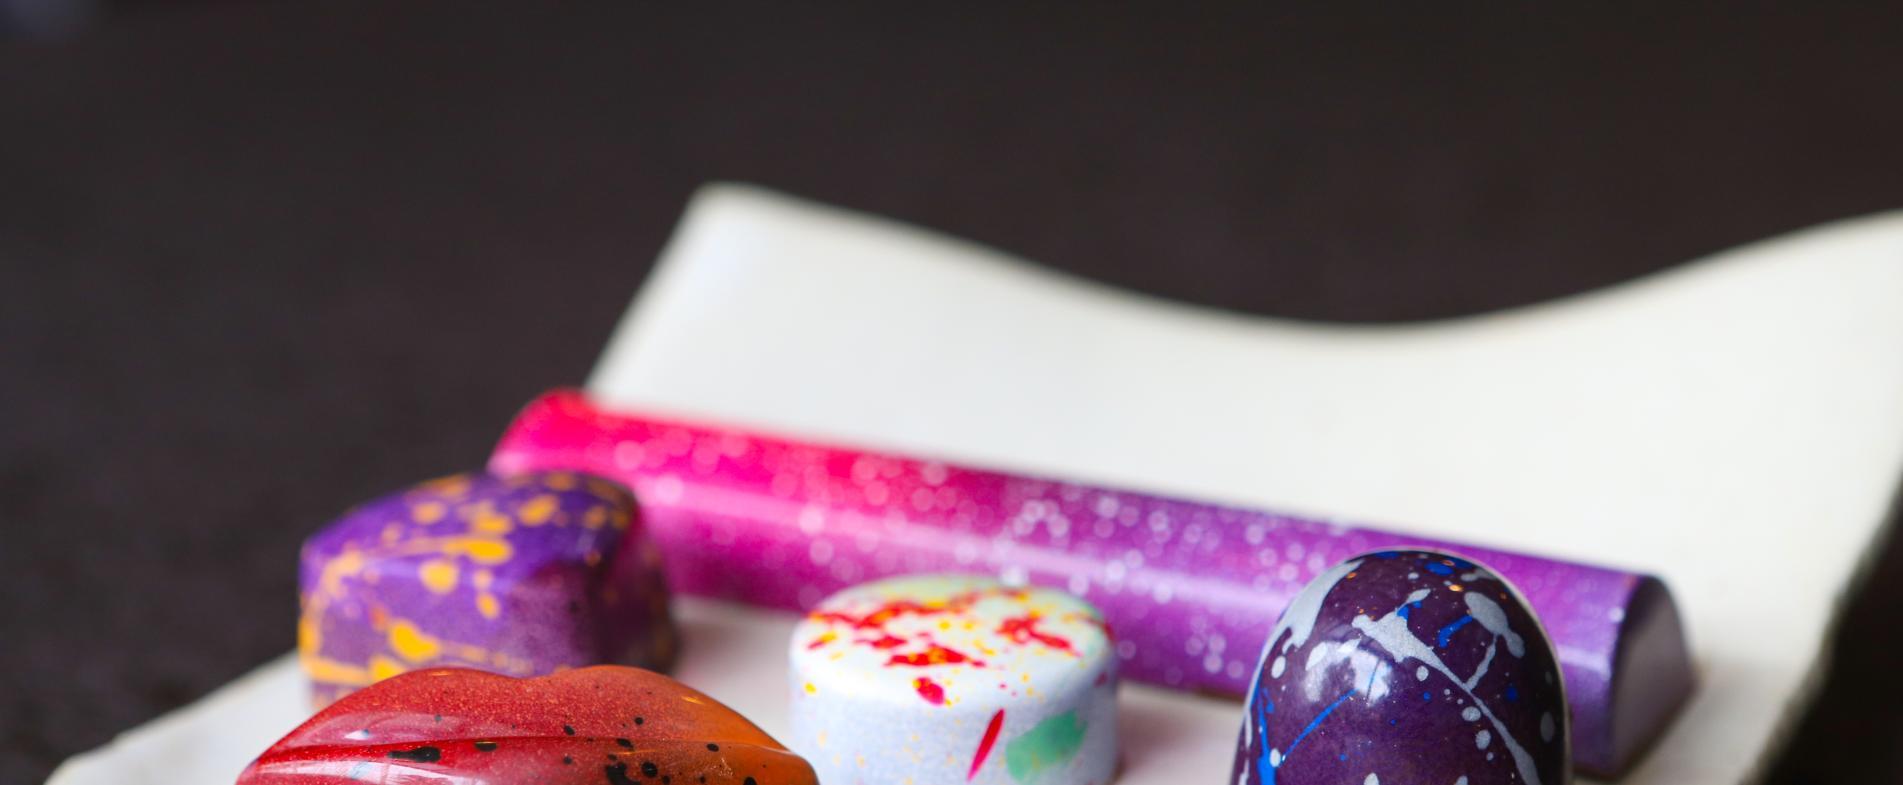 Mokaya Specialty Chocolates